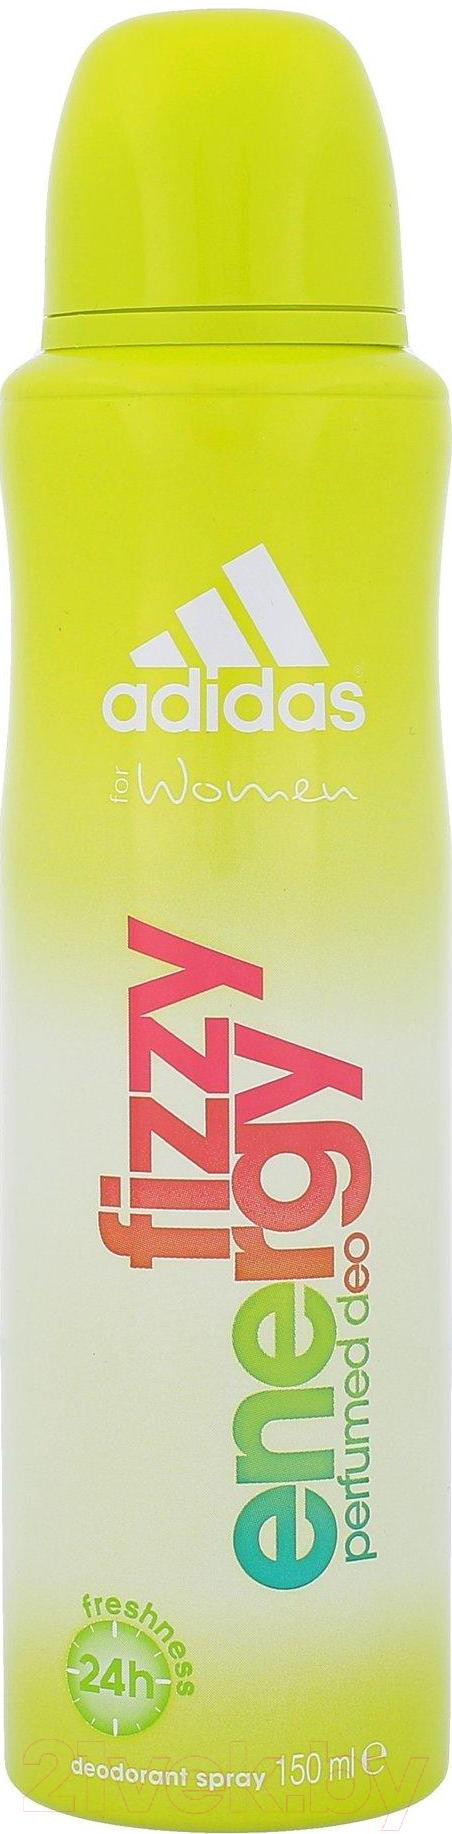 Купить Дезодорант-спрей Adidas, Fizzy Energy (150мл), Испания